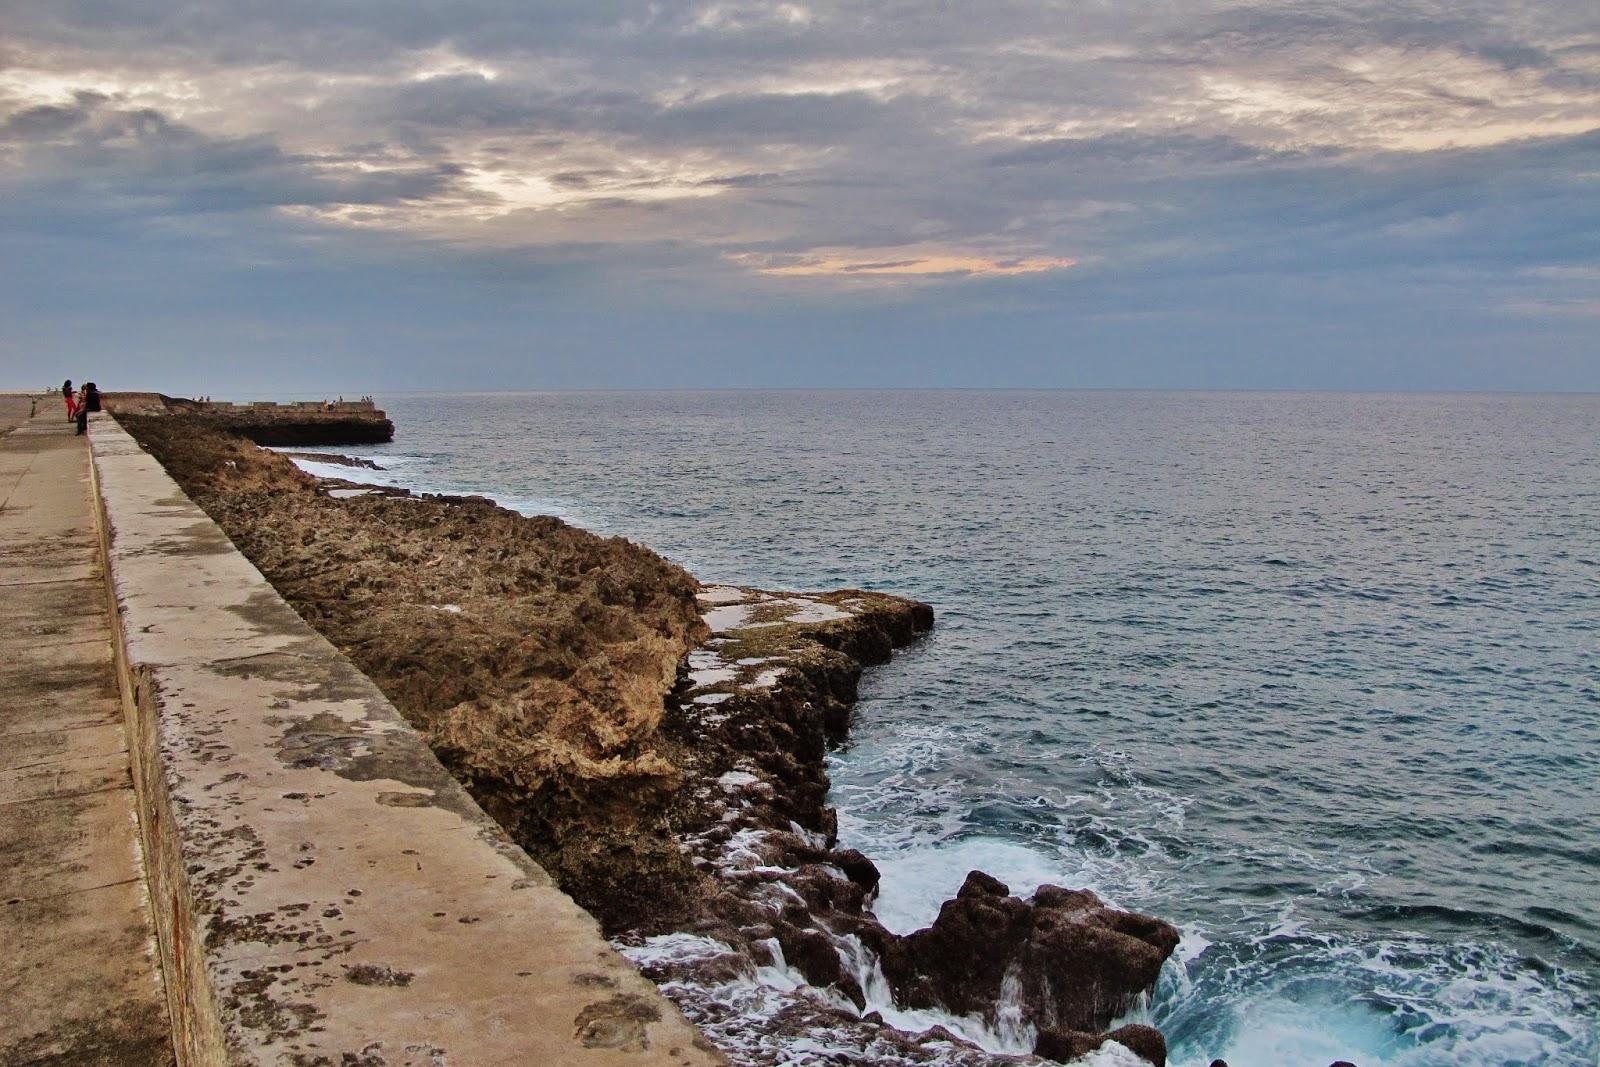 Malecón de Baracoa, uma das regiões mais remotas de Cuba.